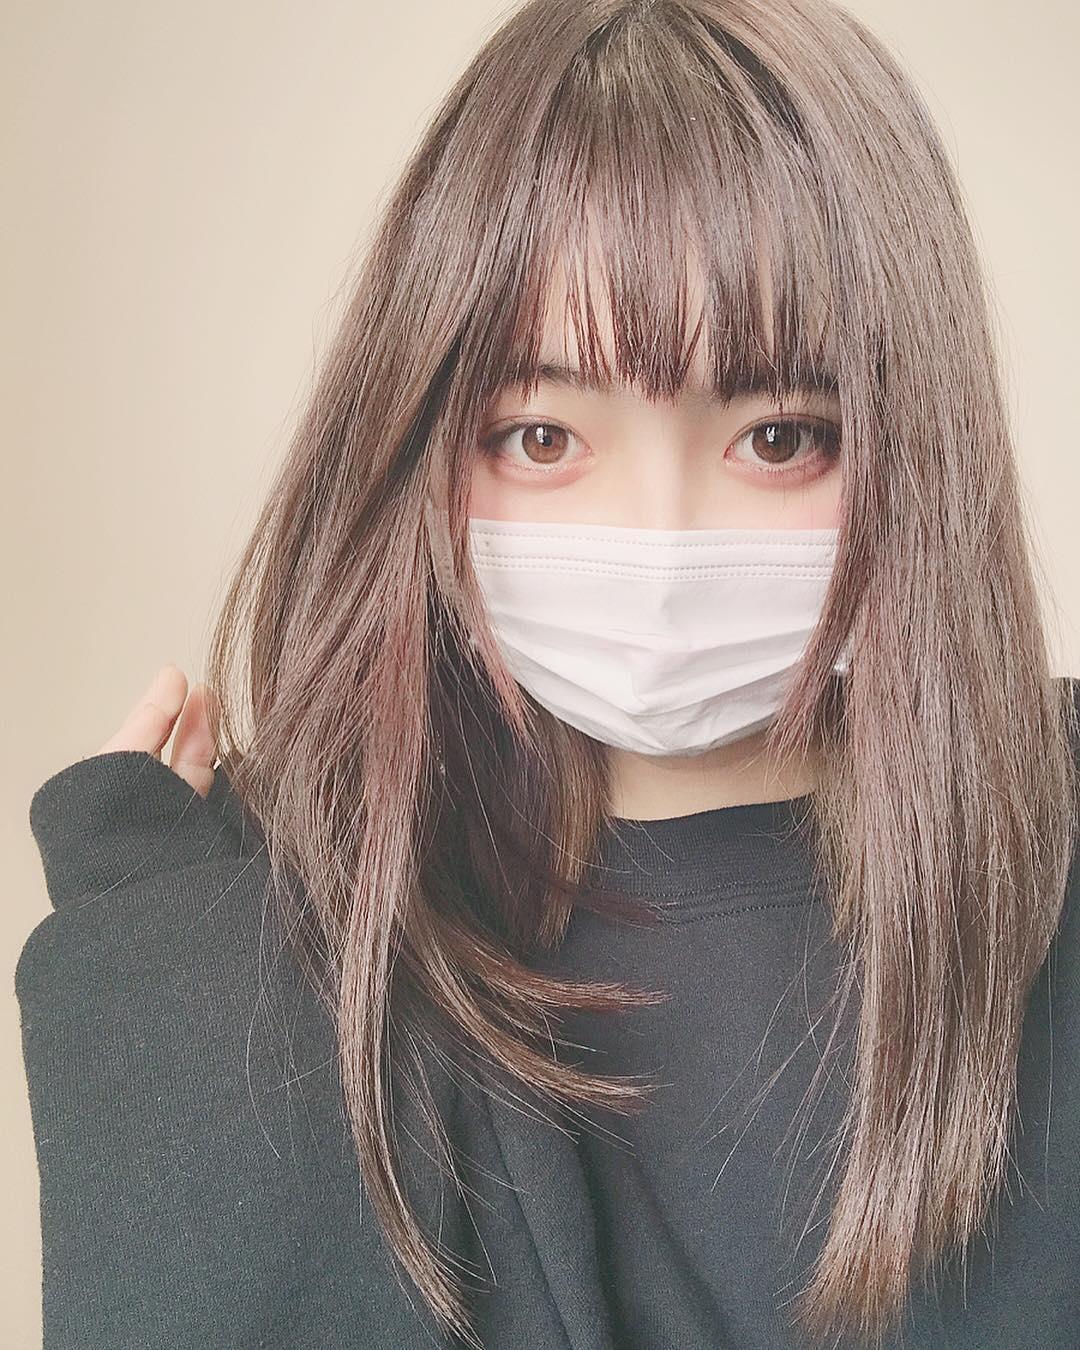 ケア後はマスクで乾燥対策